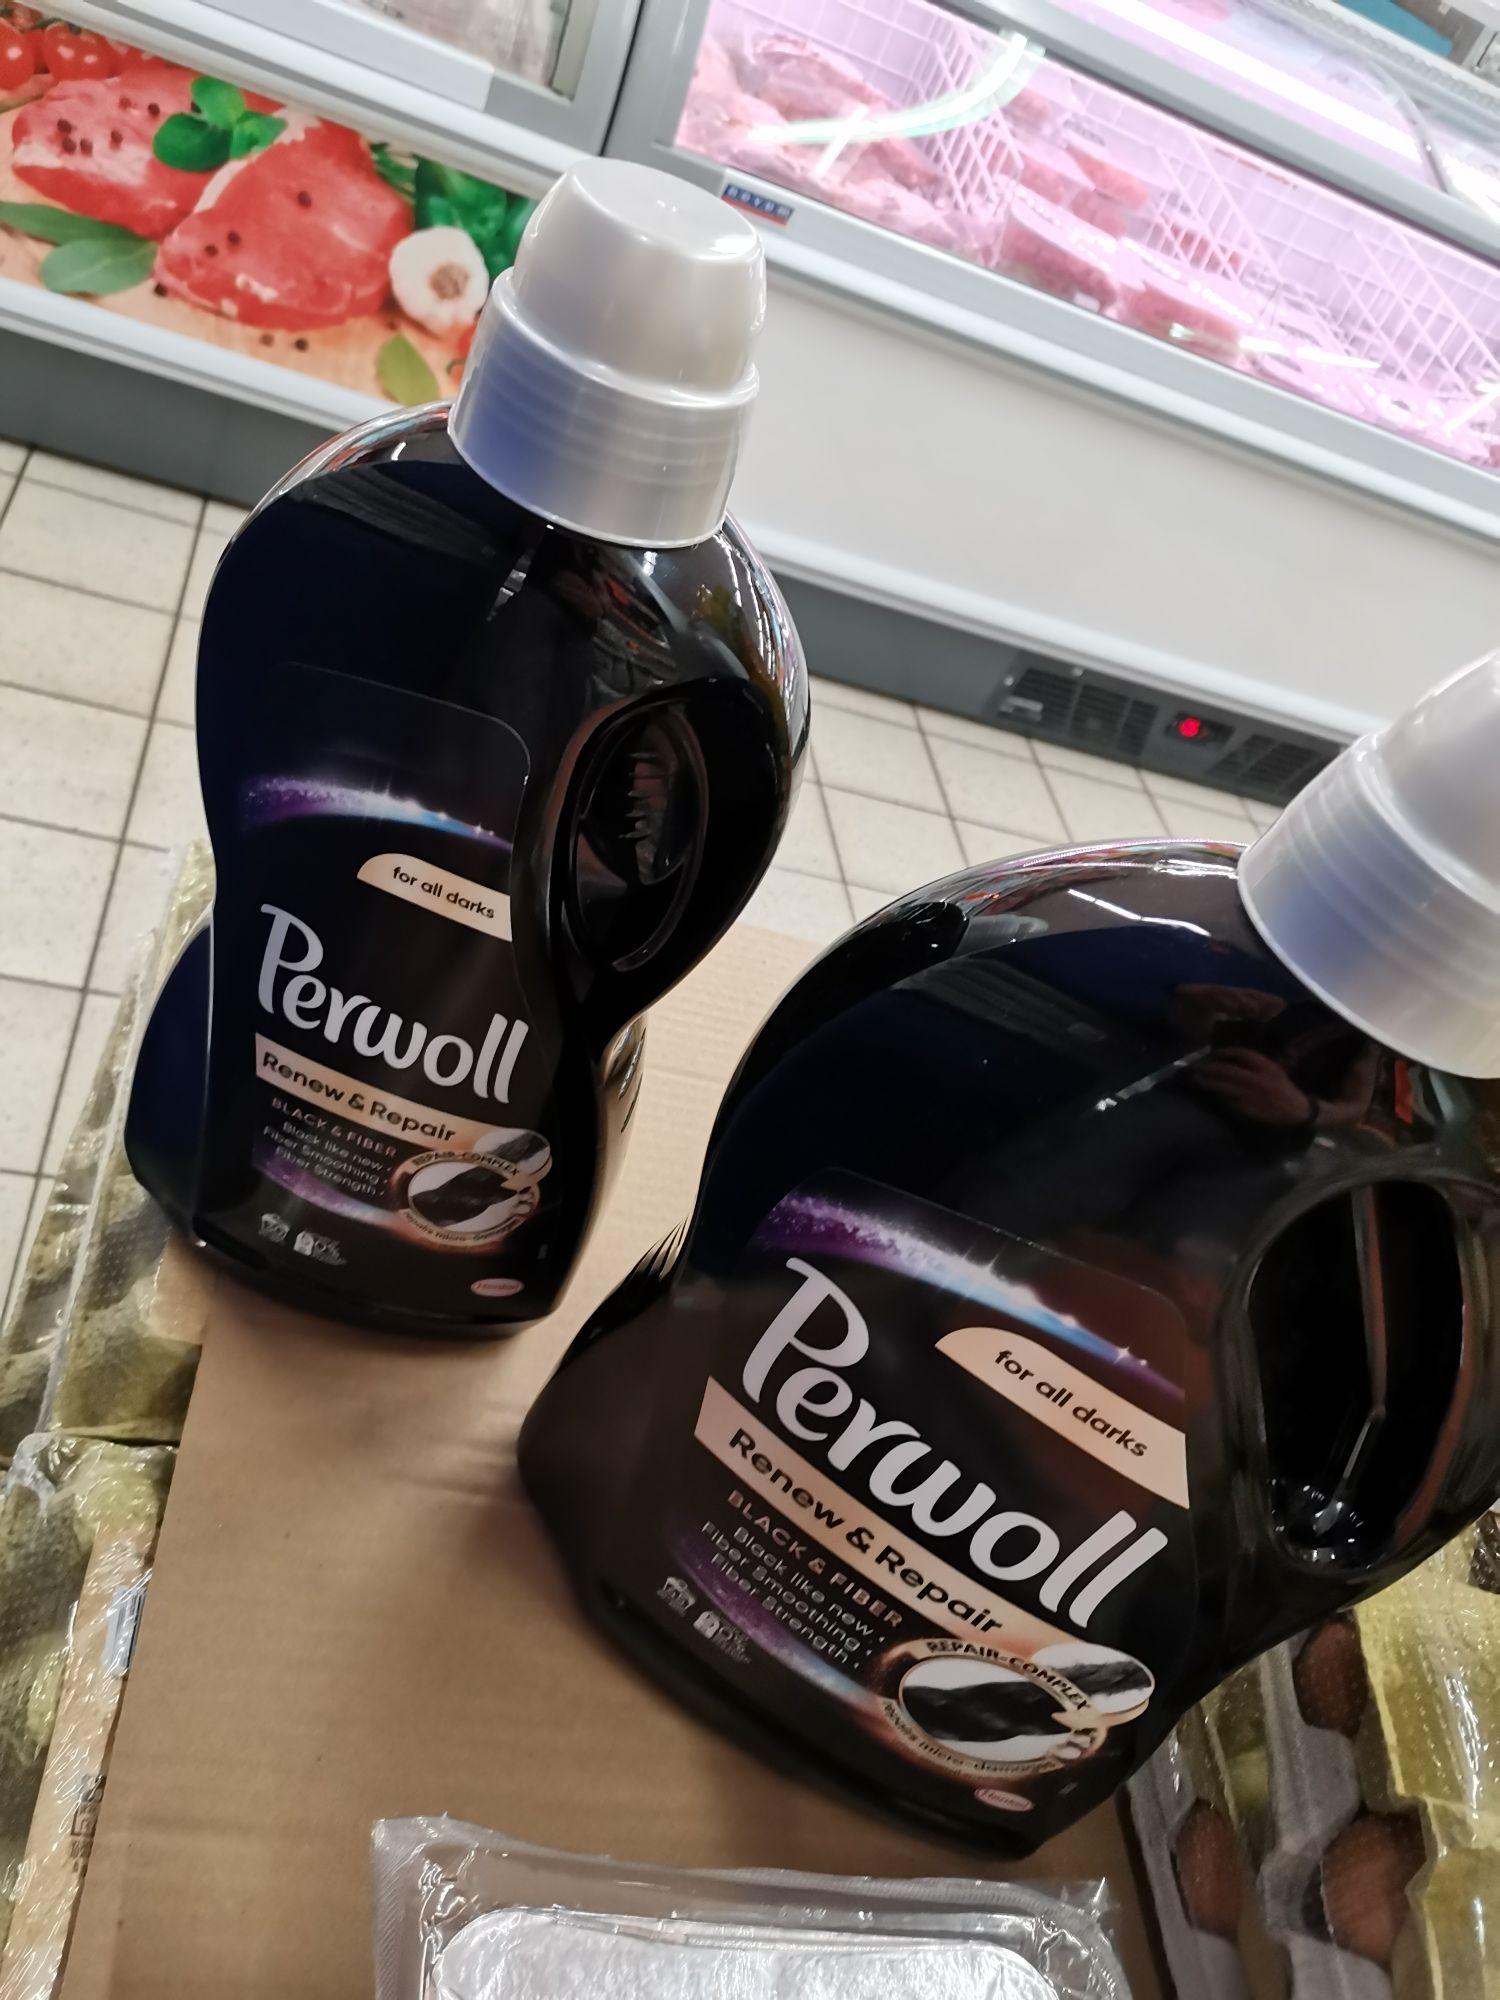 Perwoll Black 2.7L, Biedronka, tańszy niż 1.8L